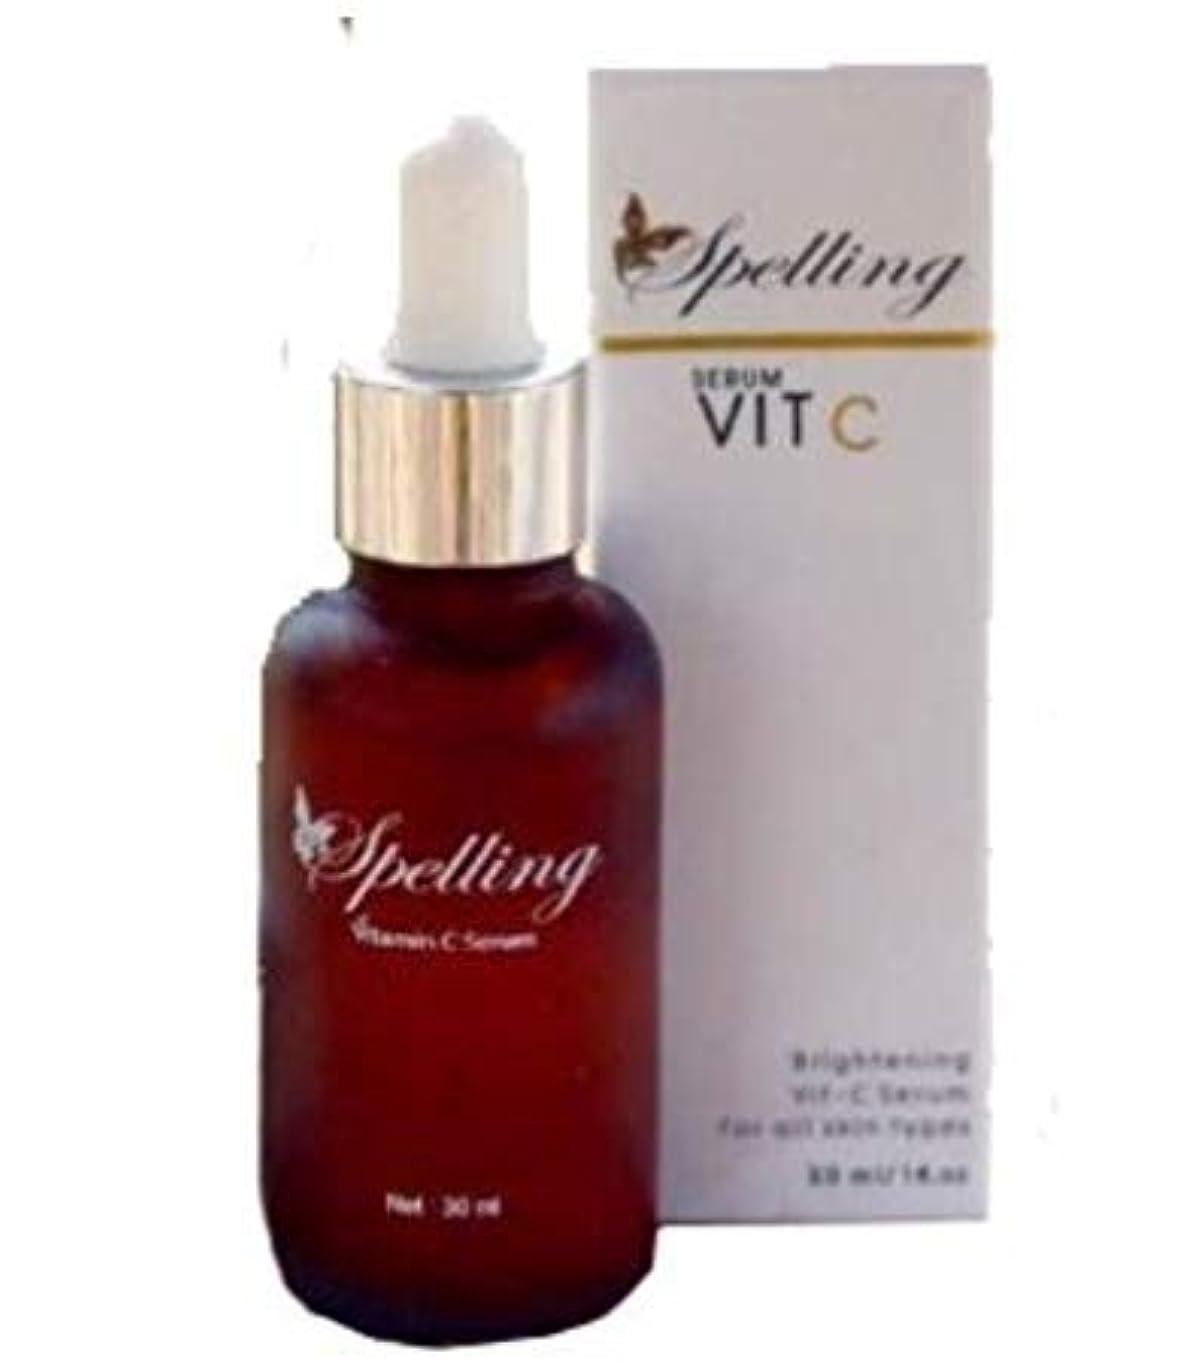 引く安定疑い者Spelling Serum Vit C 30 ml.